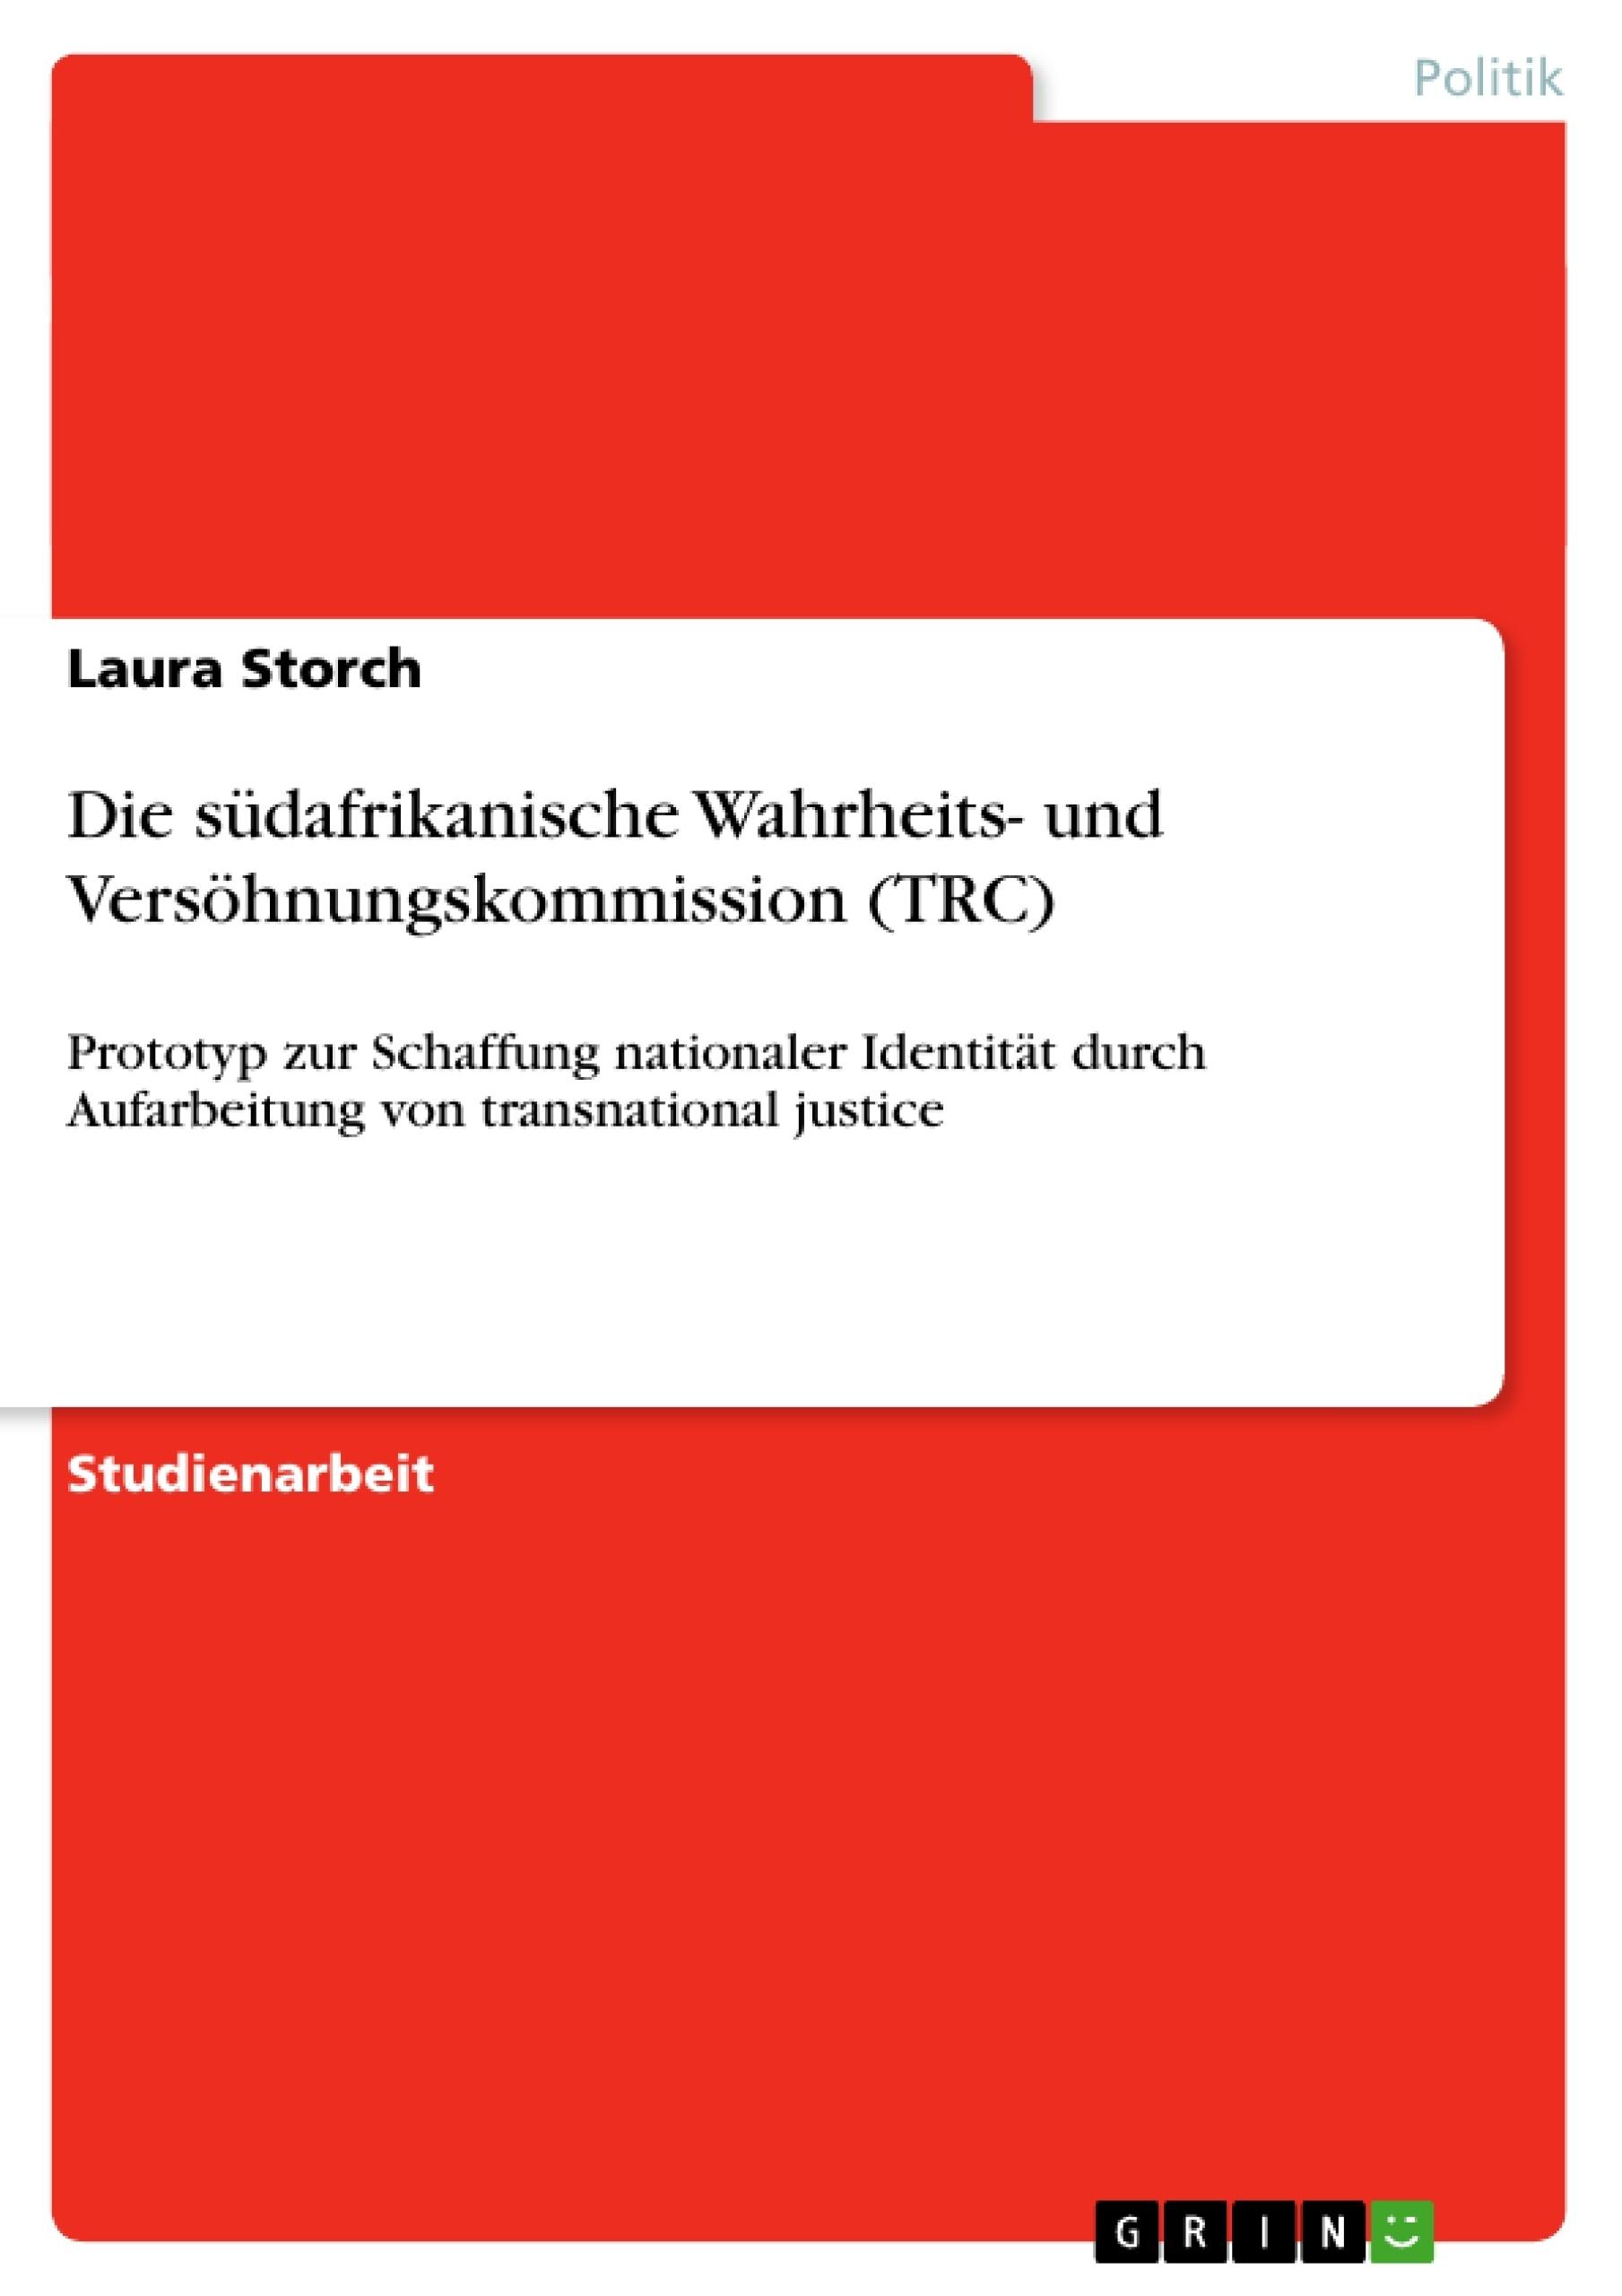 Titel: Die südafrikanische Wahrheits- und Versöhnungskommission (TRC)